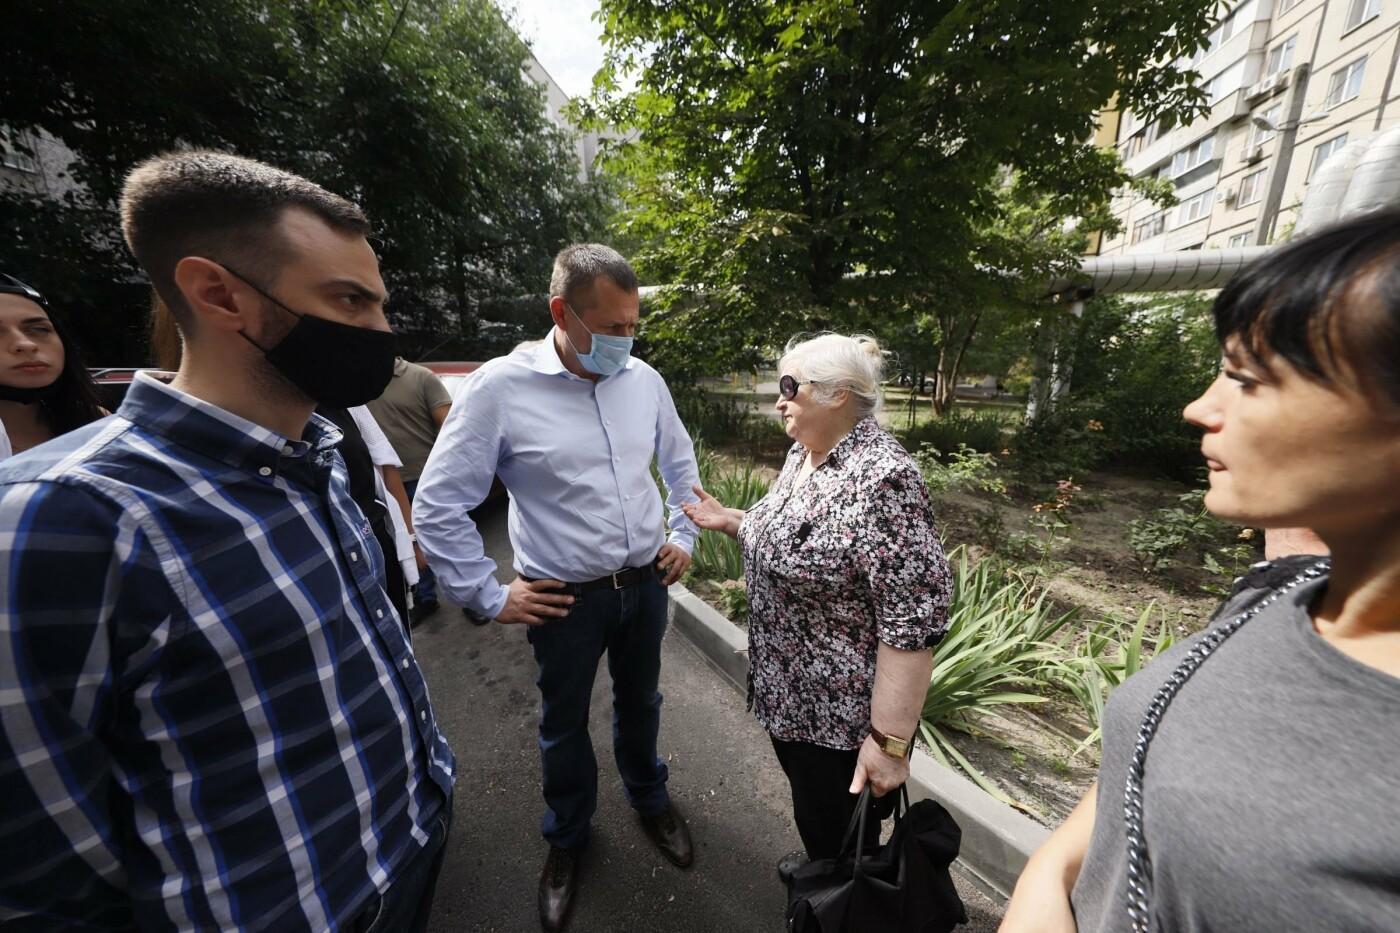 Борис Филатов: Контакт-центры Днепра являются передовой борьбой с коммунальными проблемами, фото-2